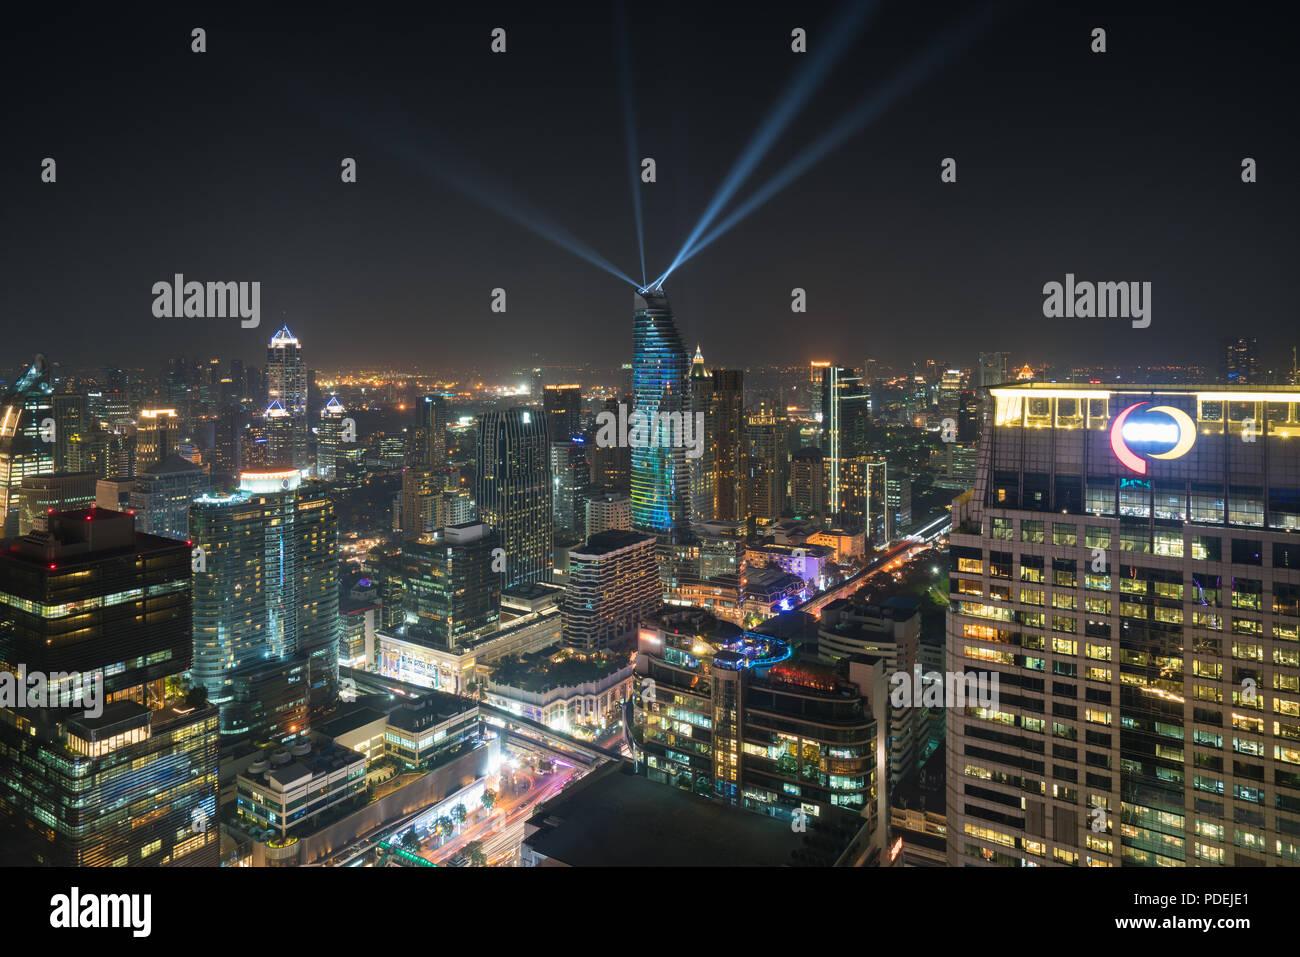 Vista notturna con grattacielo nel quartiere degli affari di Bangkok in Thailandia. Spettacolo di luci a Magnolie Ratchaprasong a Bangkok, in Thailandia. Immagini Stock